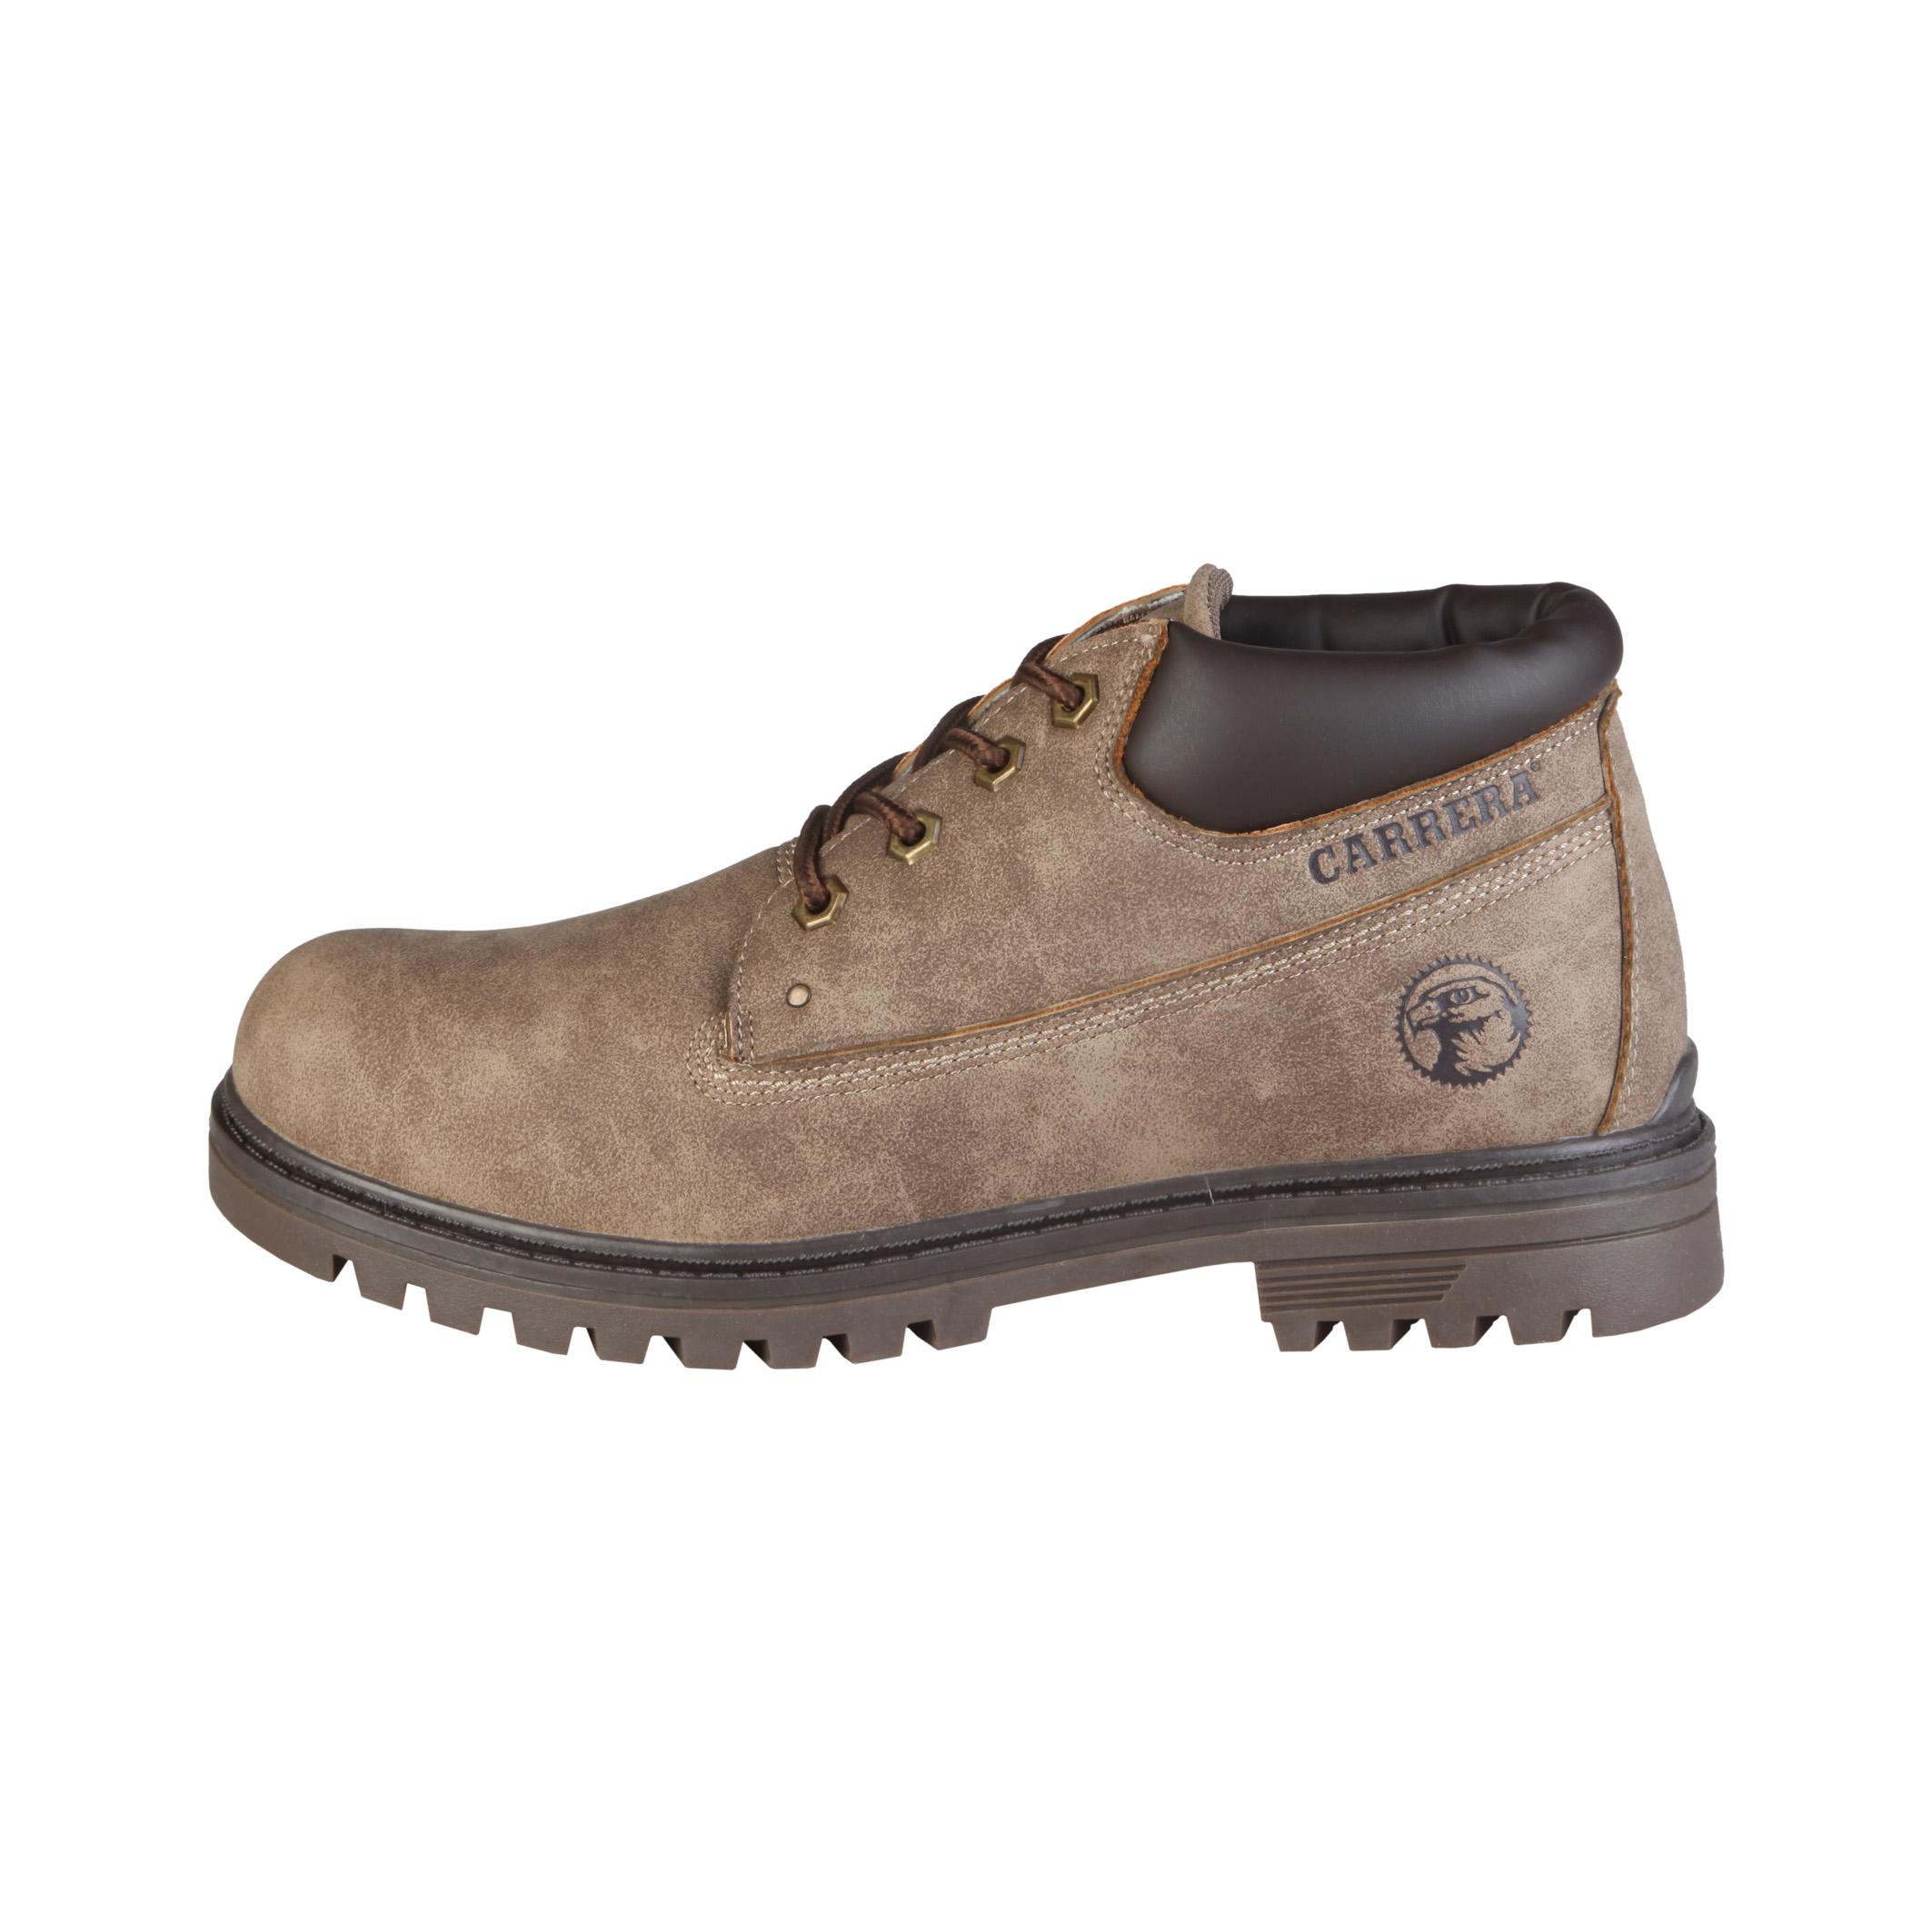 Carrera Jeans  - Botas bajas con cordones y cuello acolchado  - Empeine: eco-cuero  - Ojetes metálic